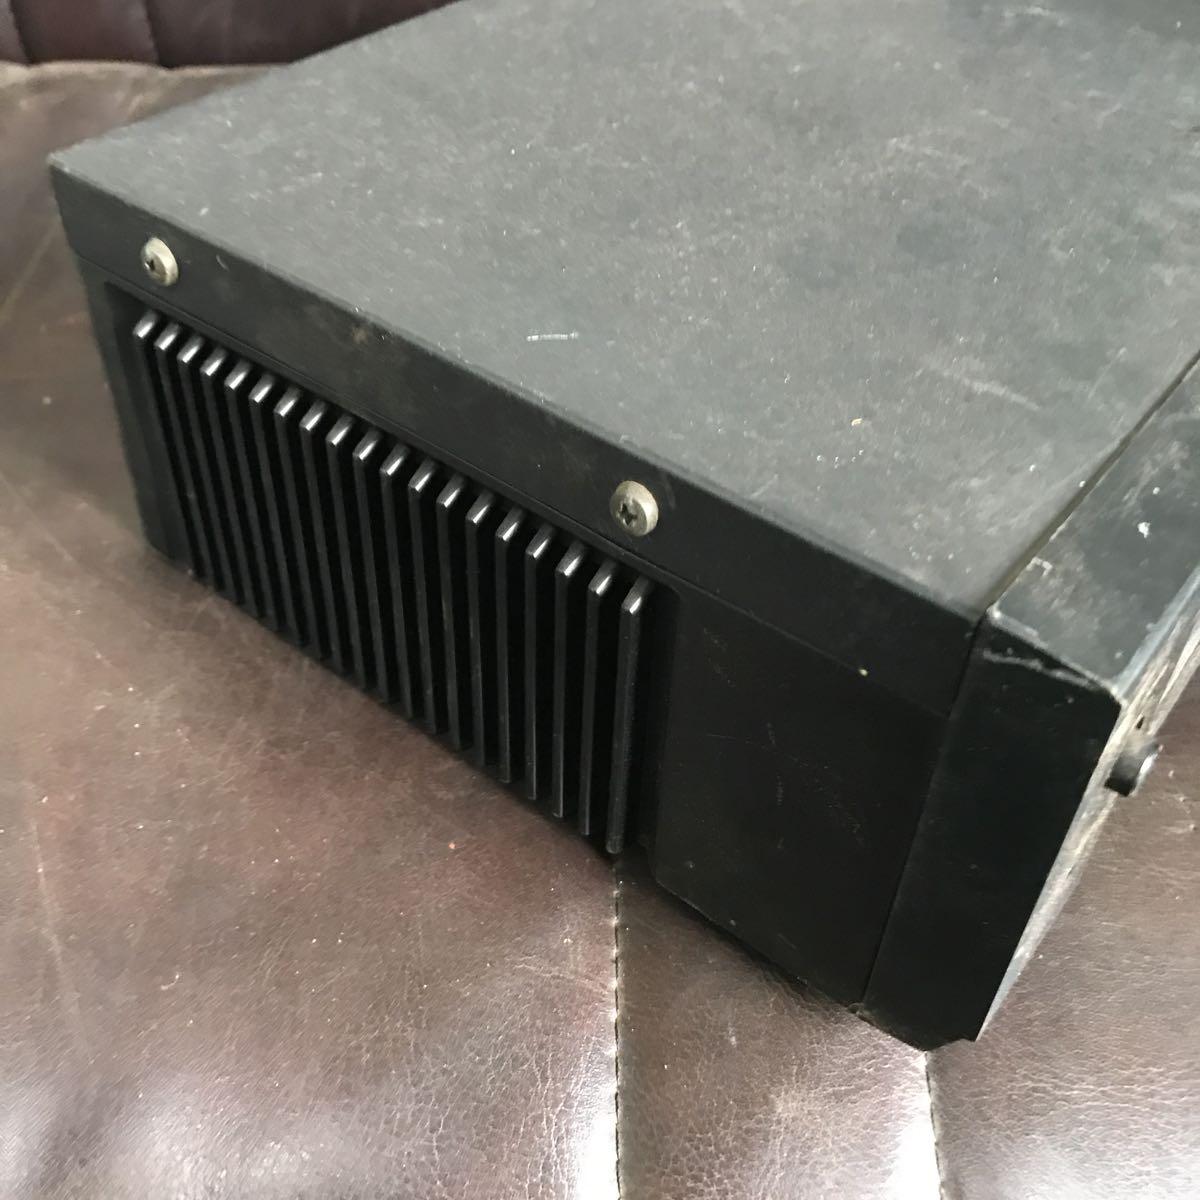 Technics テクニクス FM/AMチューナー ST-2400 通電のみ確認_画像6